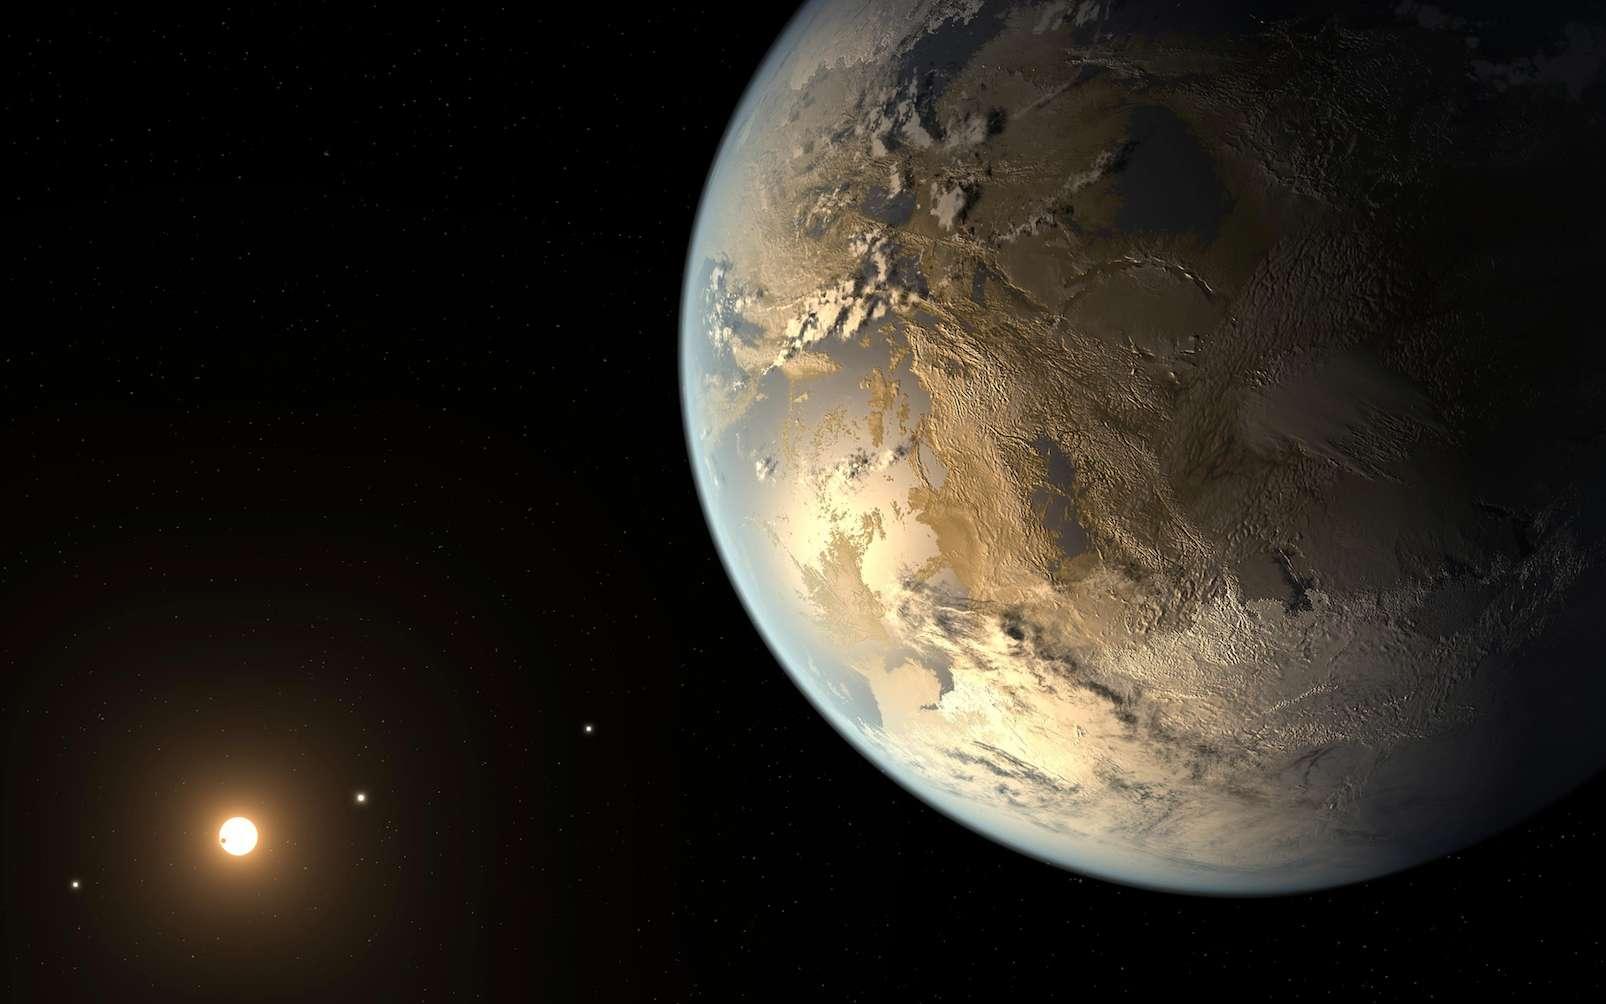 Vue d'artiste de Kepler-186f (40 % plus grande que la Terre), la plus célèbre des exoterres découvertes à ce jour. © Nasa, Ames, Seti Institute, JPL-Caltech